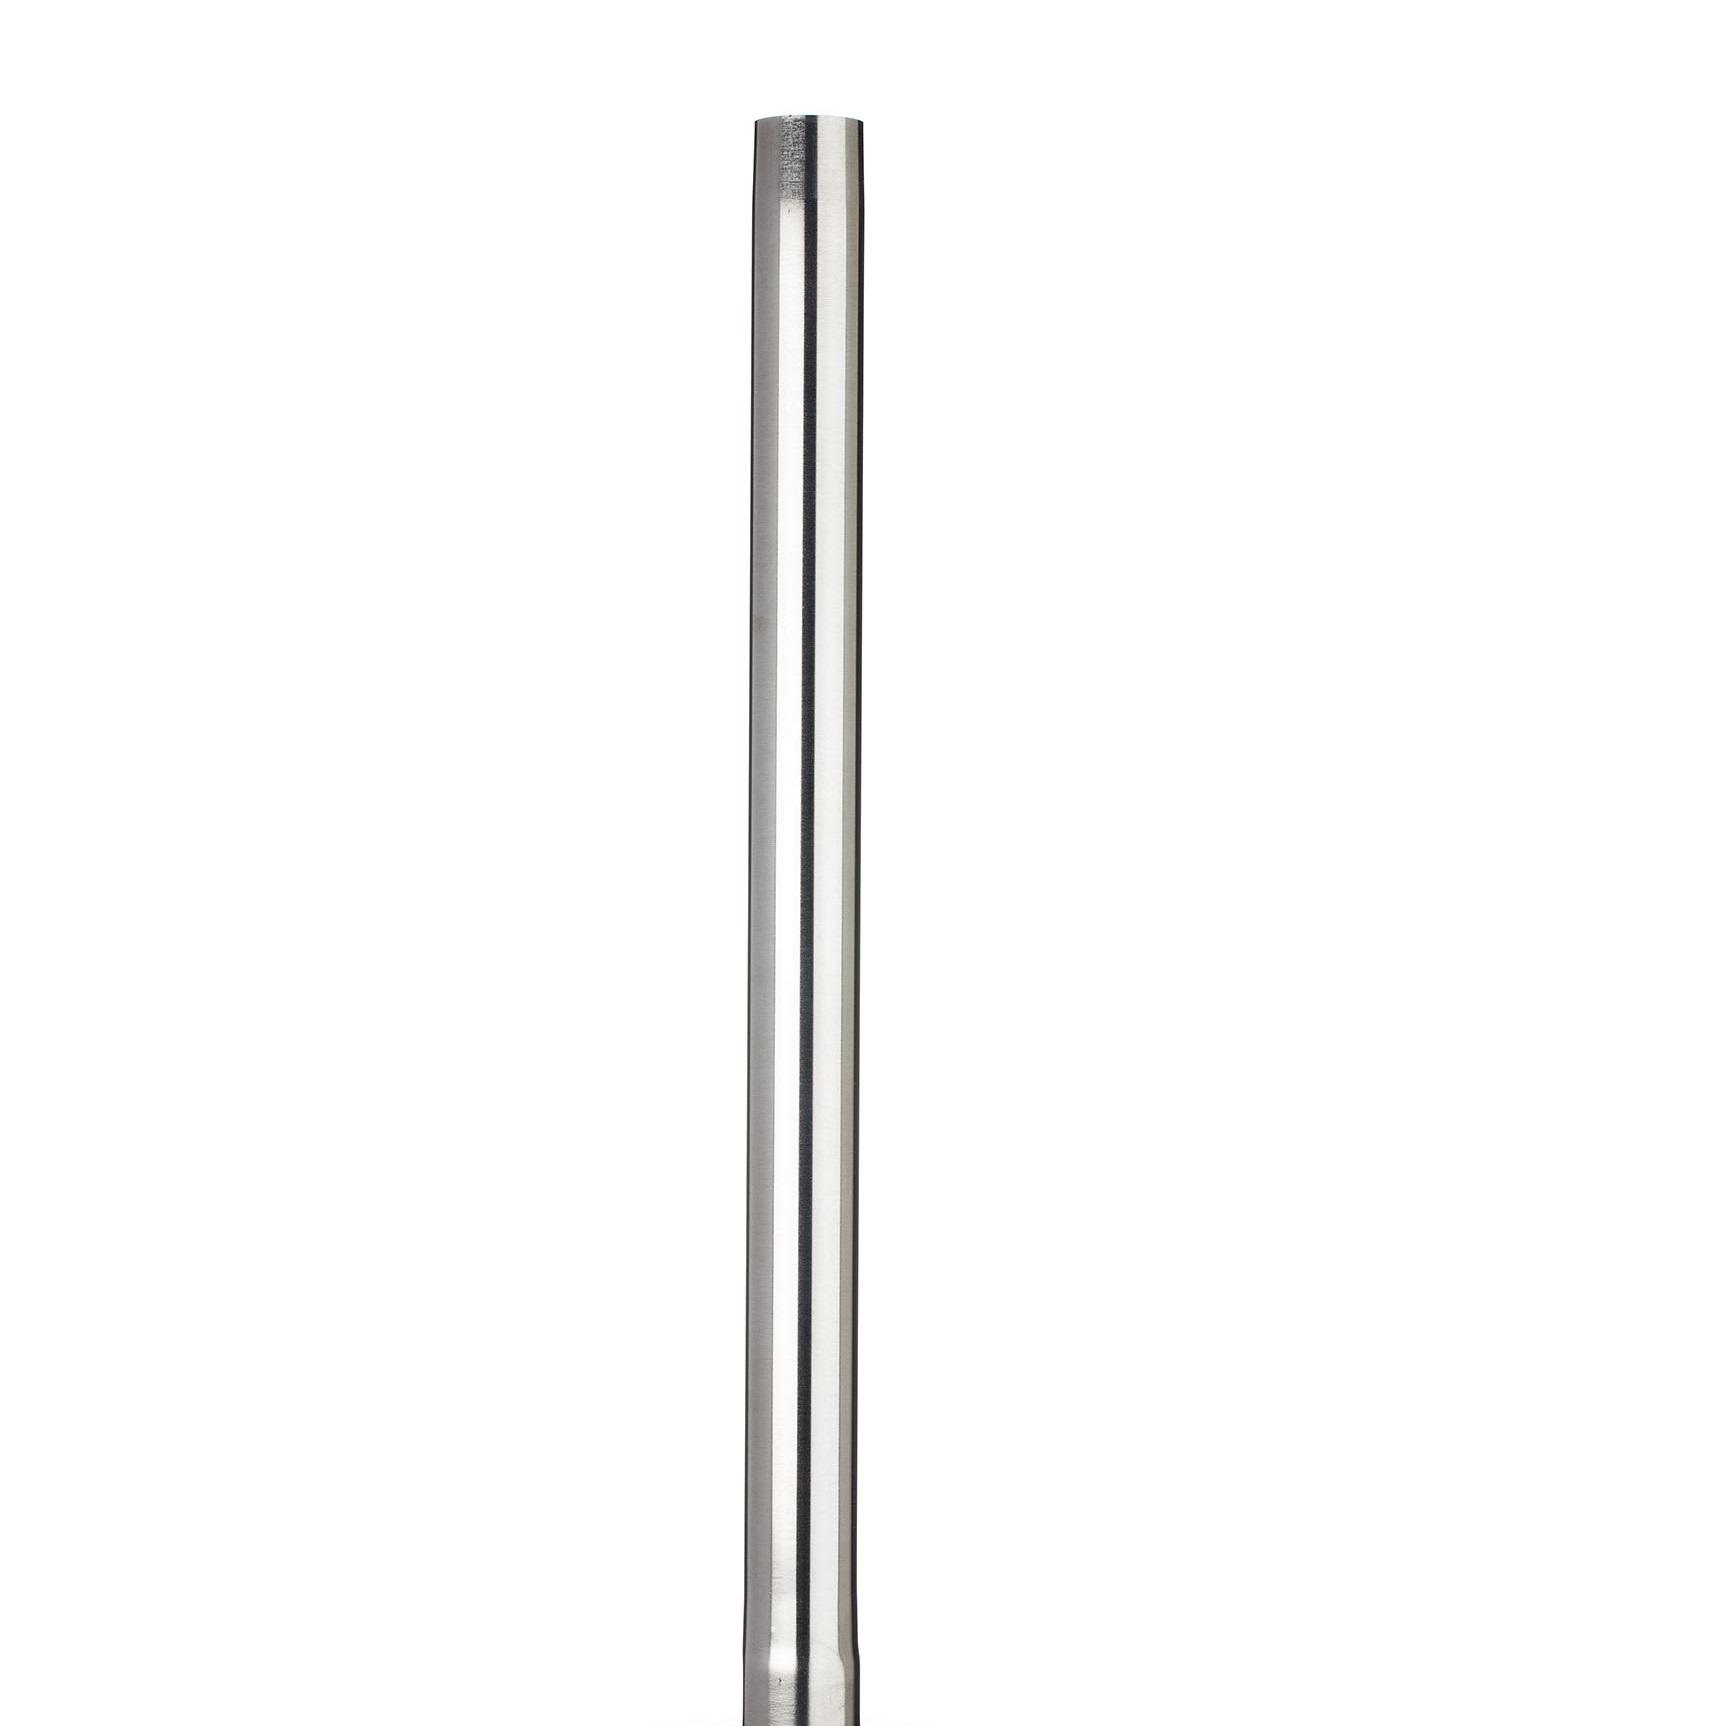 Принадлежности к промышленным пылесосам ИНТЕРСКОЛ Трубка стальная для пылесосов 50 см